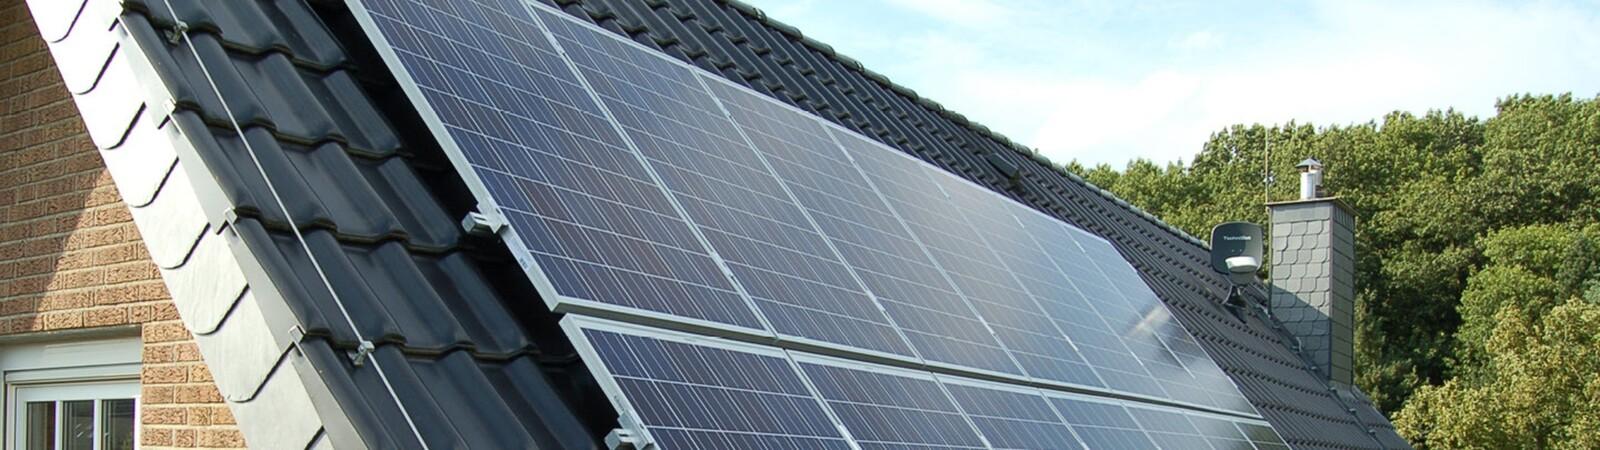 Photovoltaik | Vaillant